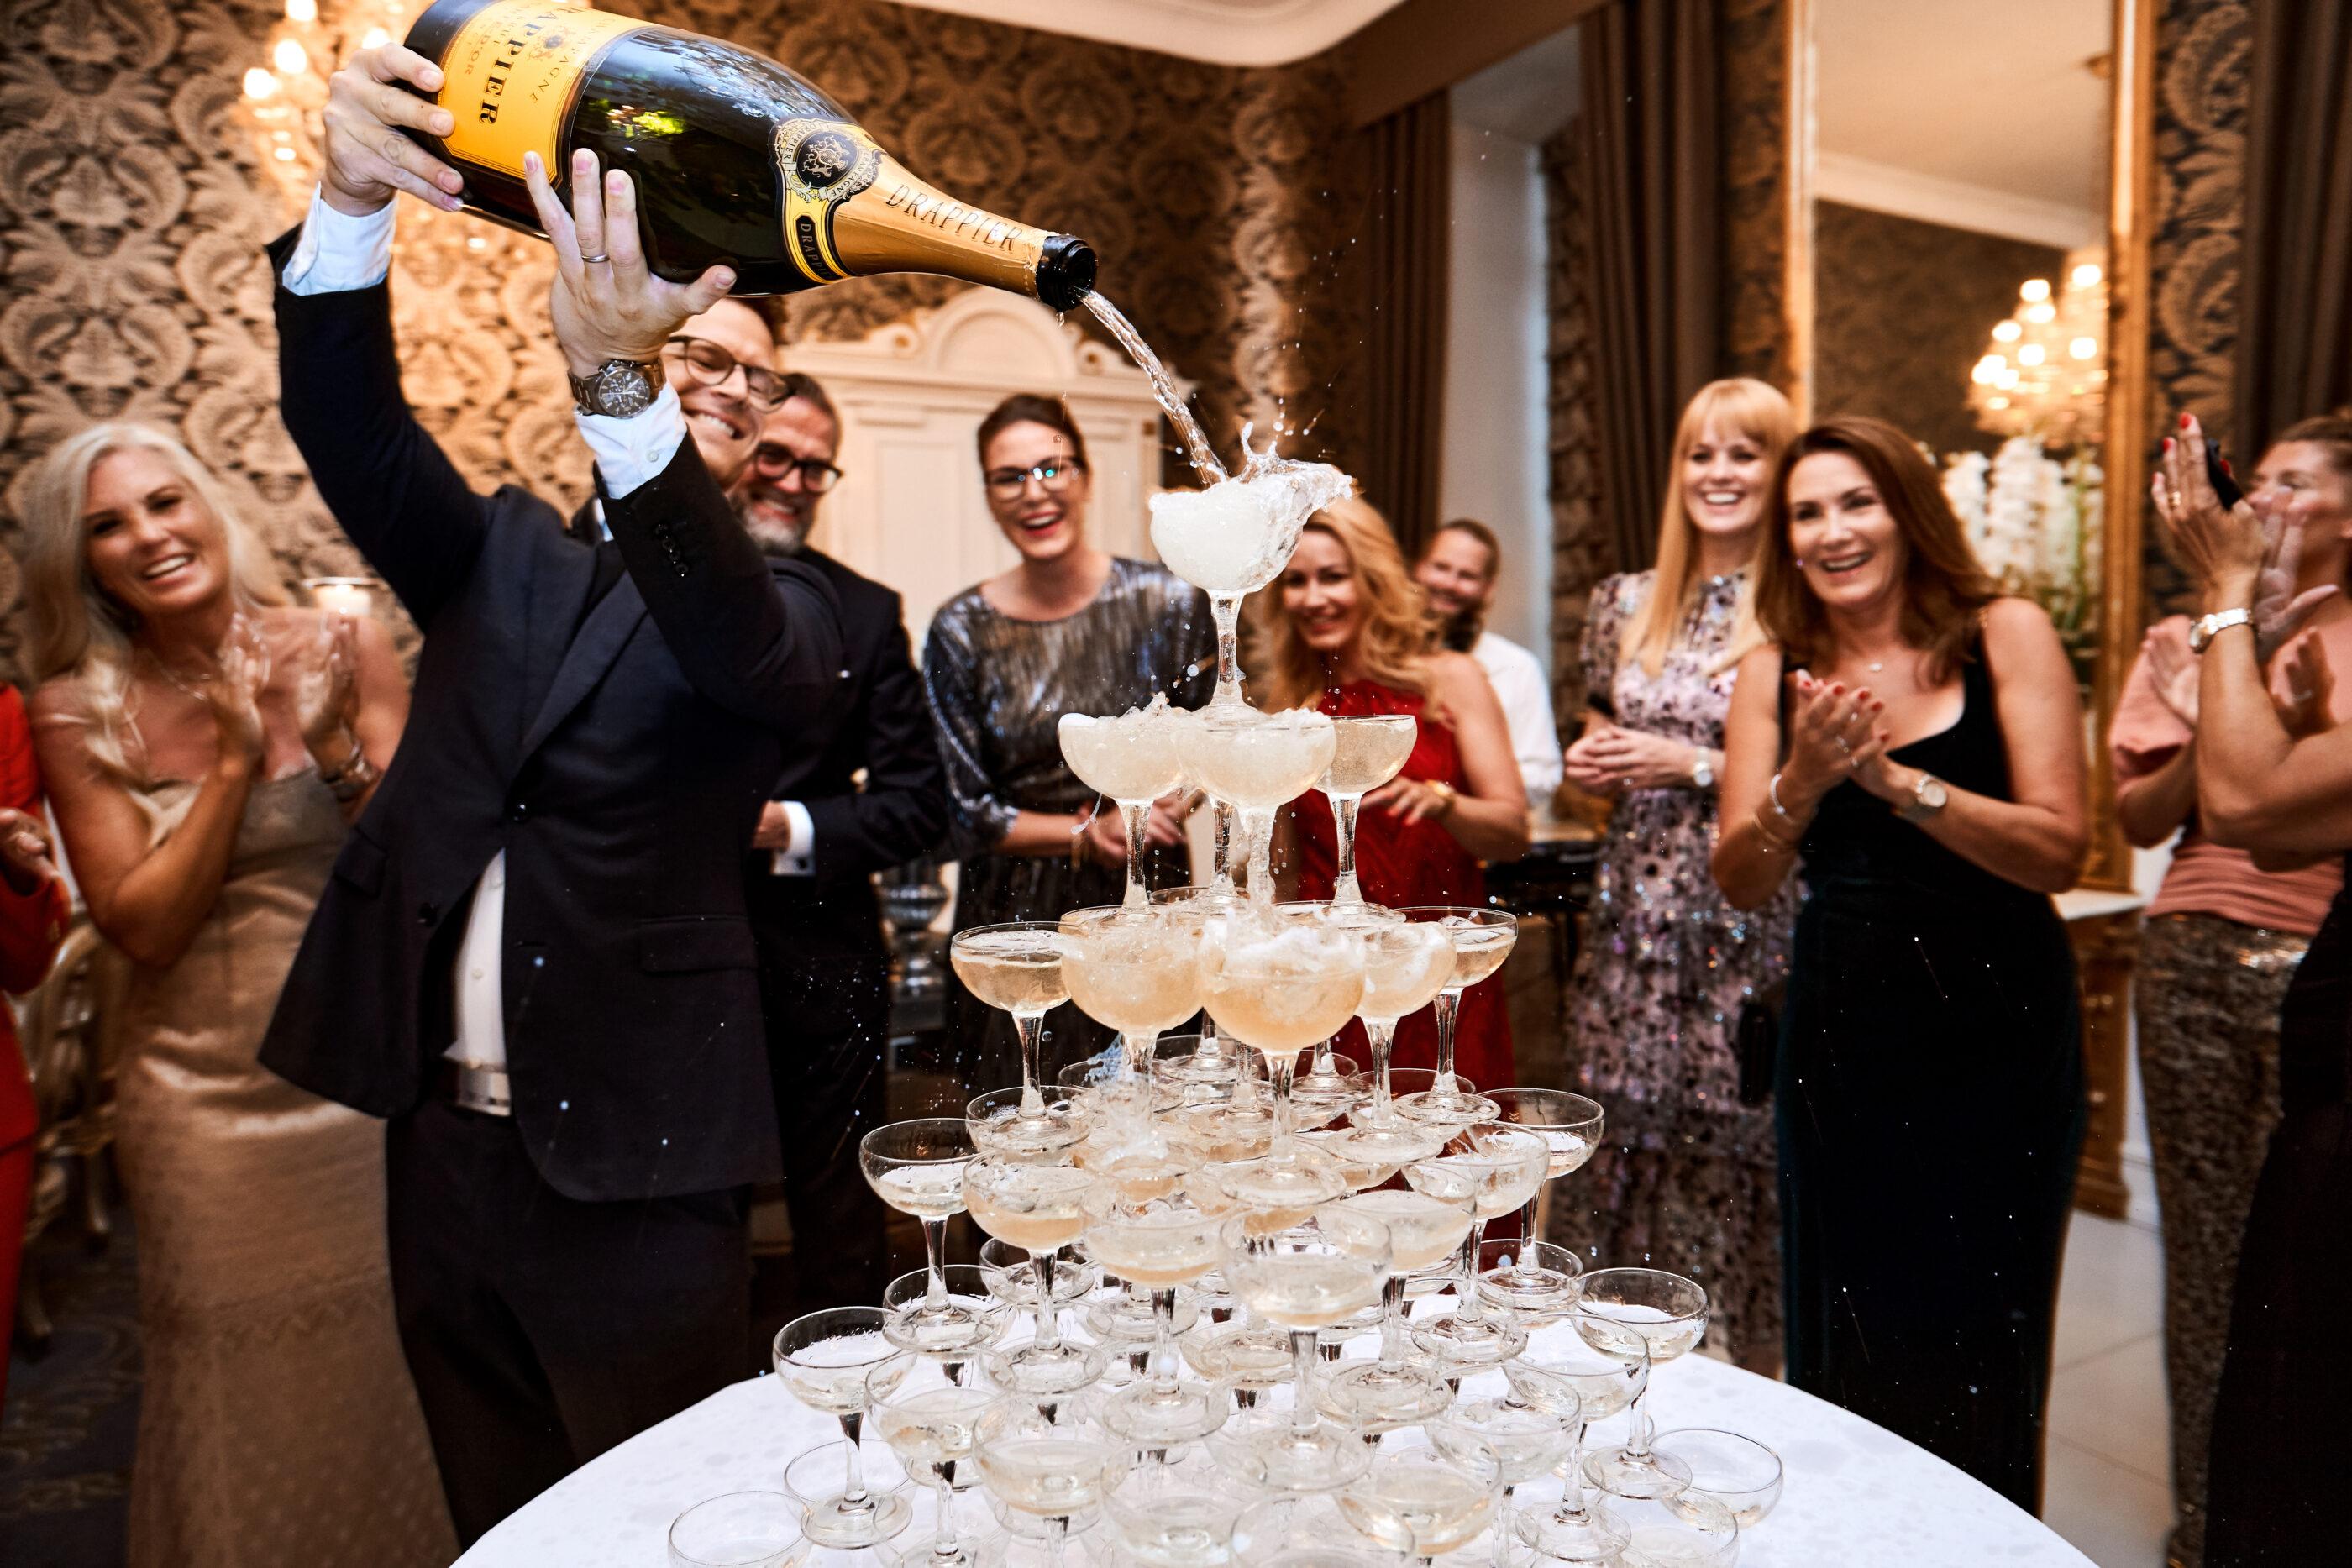 En mand hælder Champagne fra en kæmpe flaske udover et bjerg af champagne-glas som står oven på hinanden